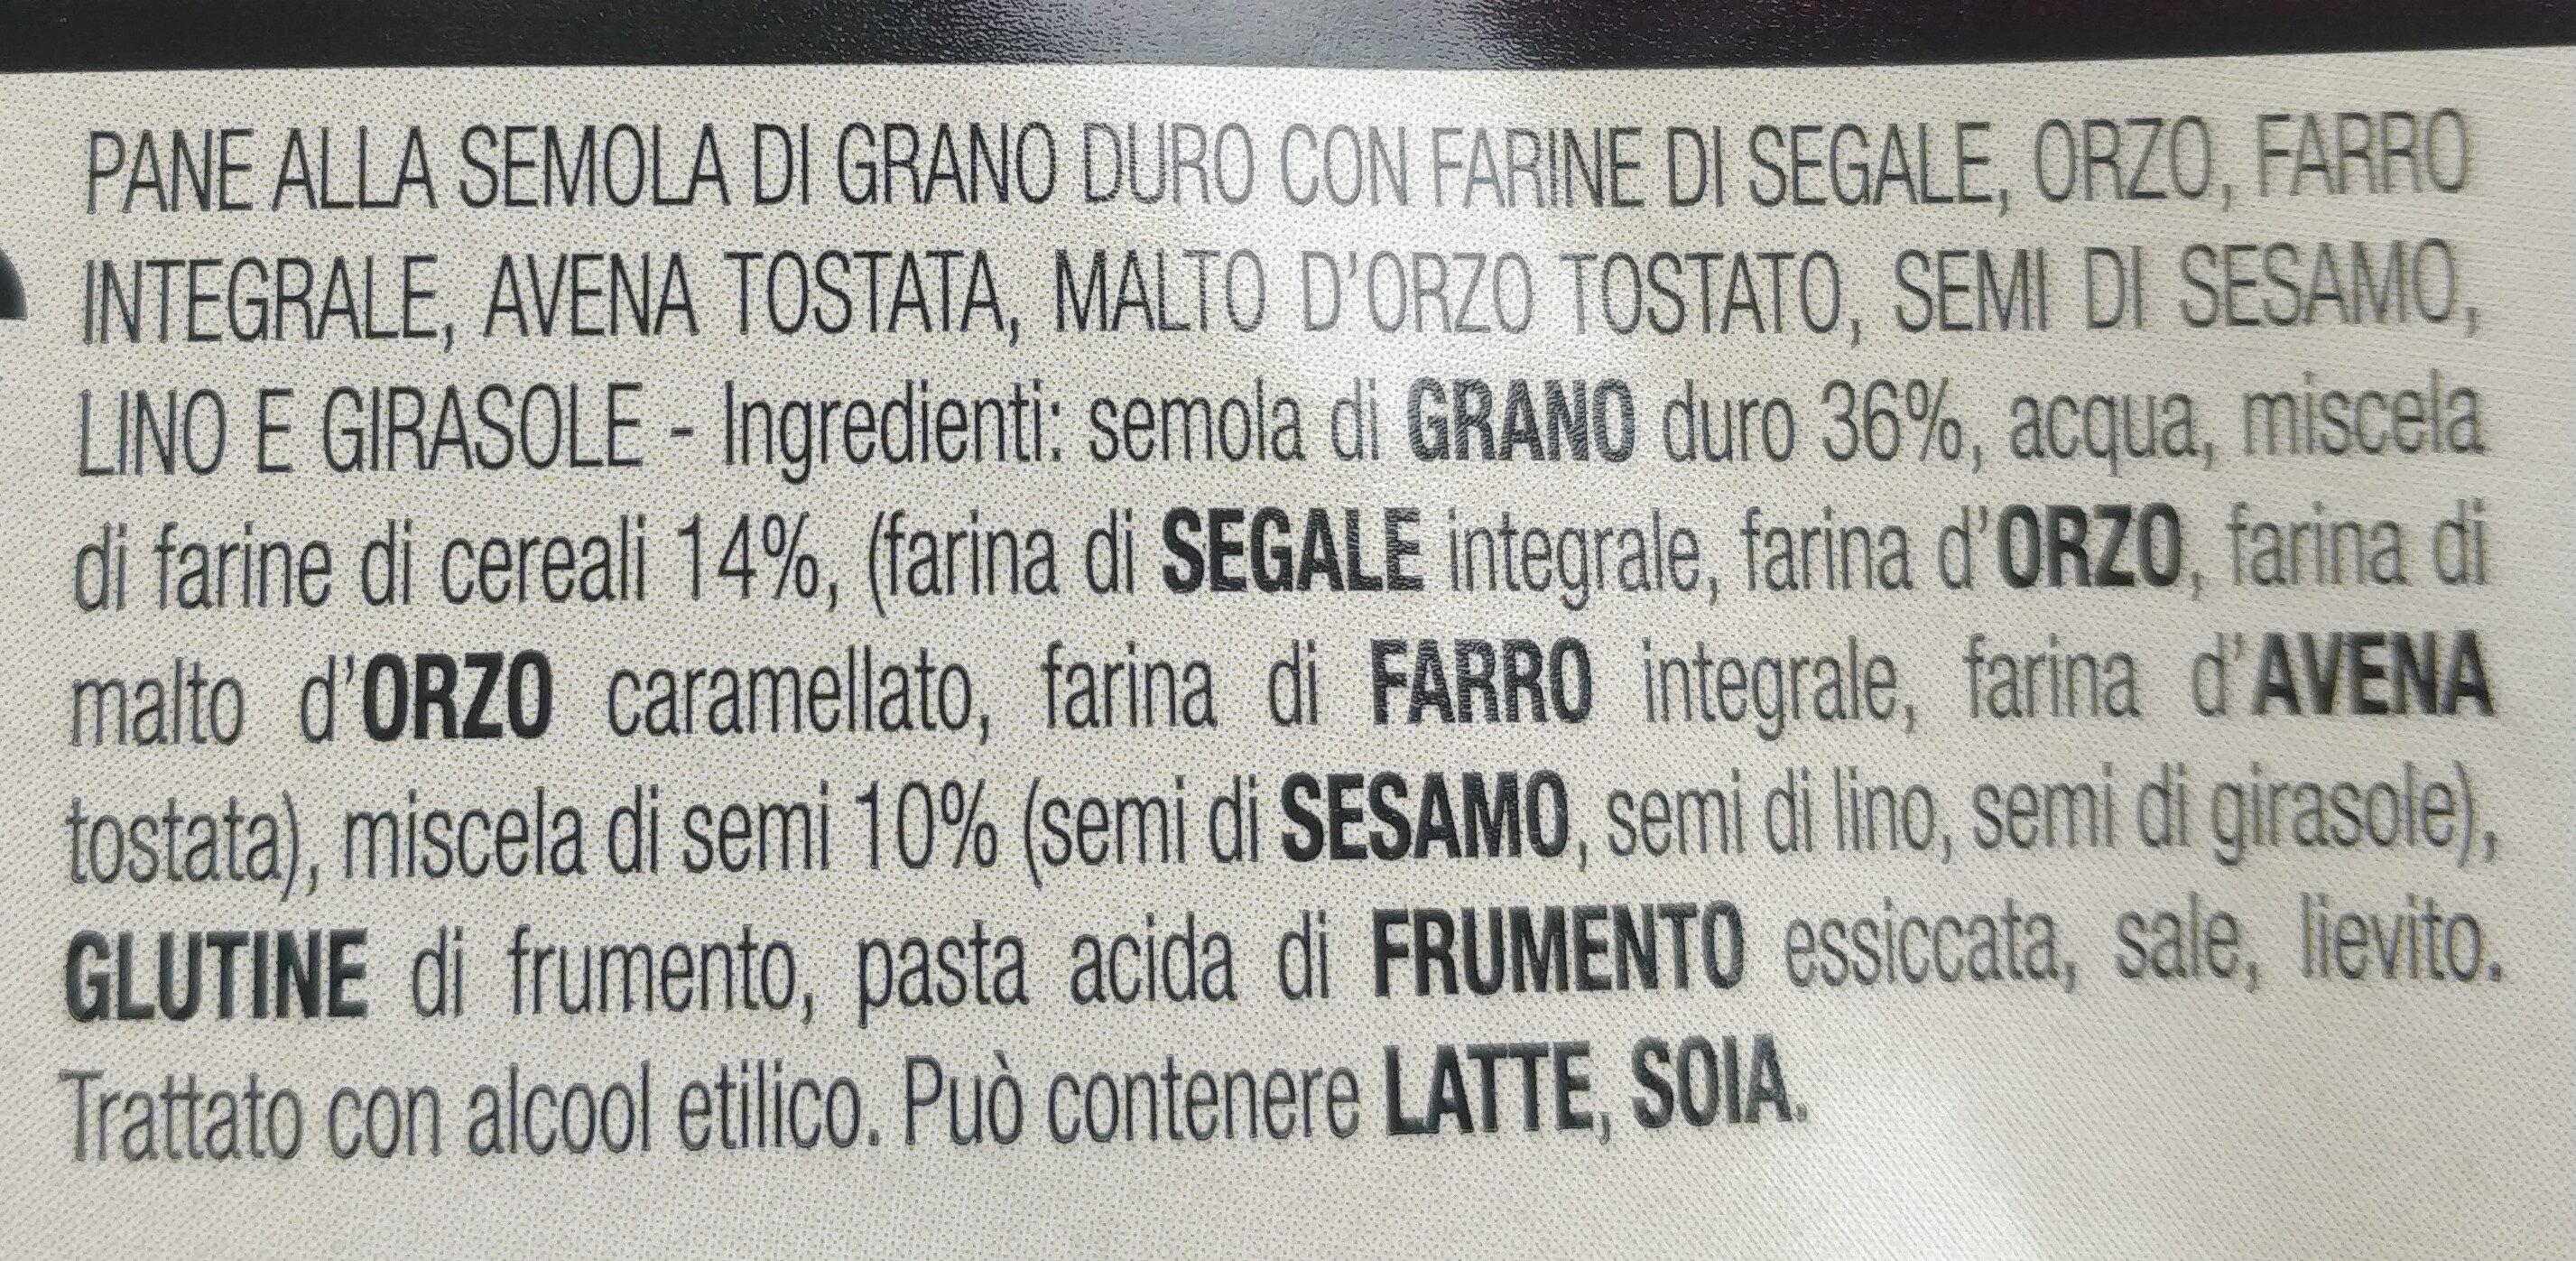 Multi cereali pane di semola di grano duro siciliano con mix di semi - Ingredients - it